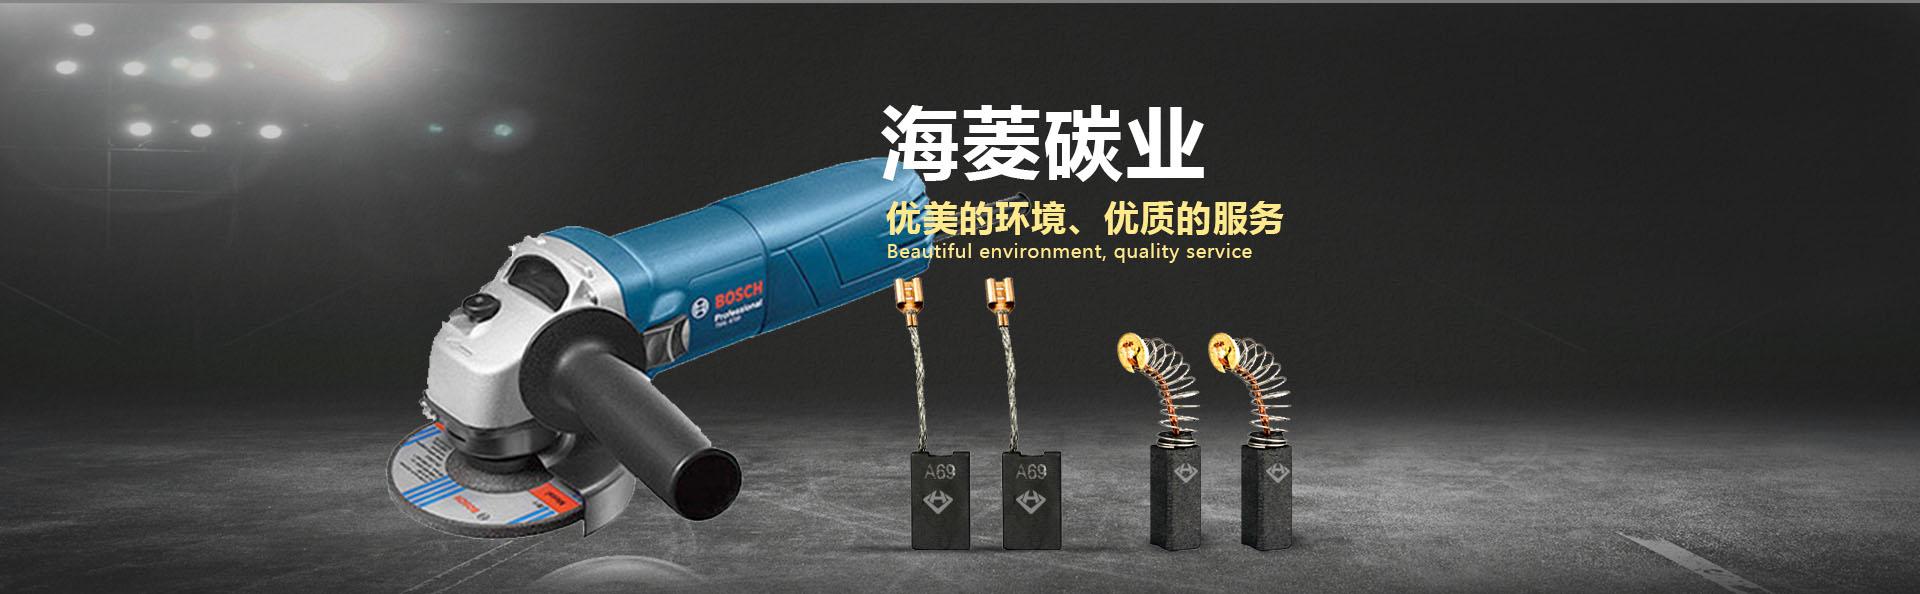 电动工具碳刷